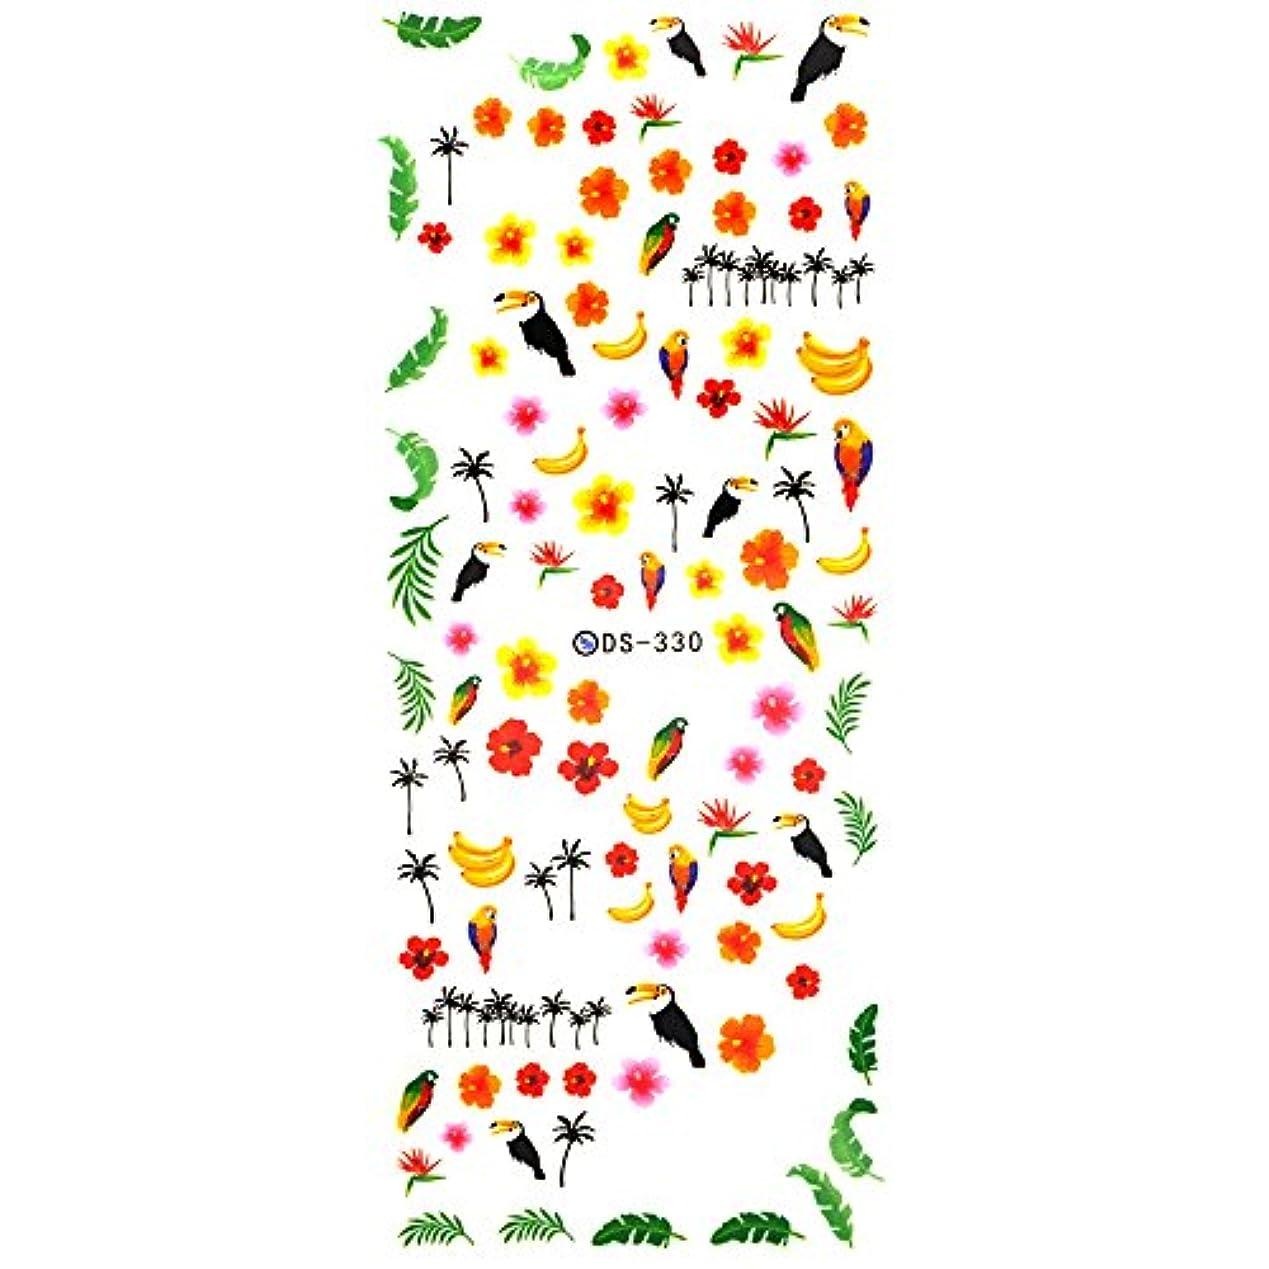 純粋な狂う女王サマートロピカルネイルシール【DS-330】ウォーターネイルシール 南国風 トロピカル ハイビスカス ヤシの木